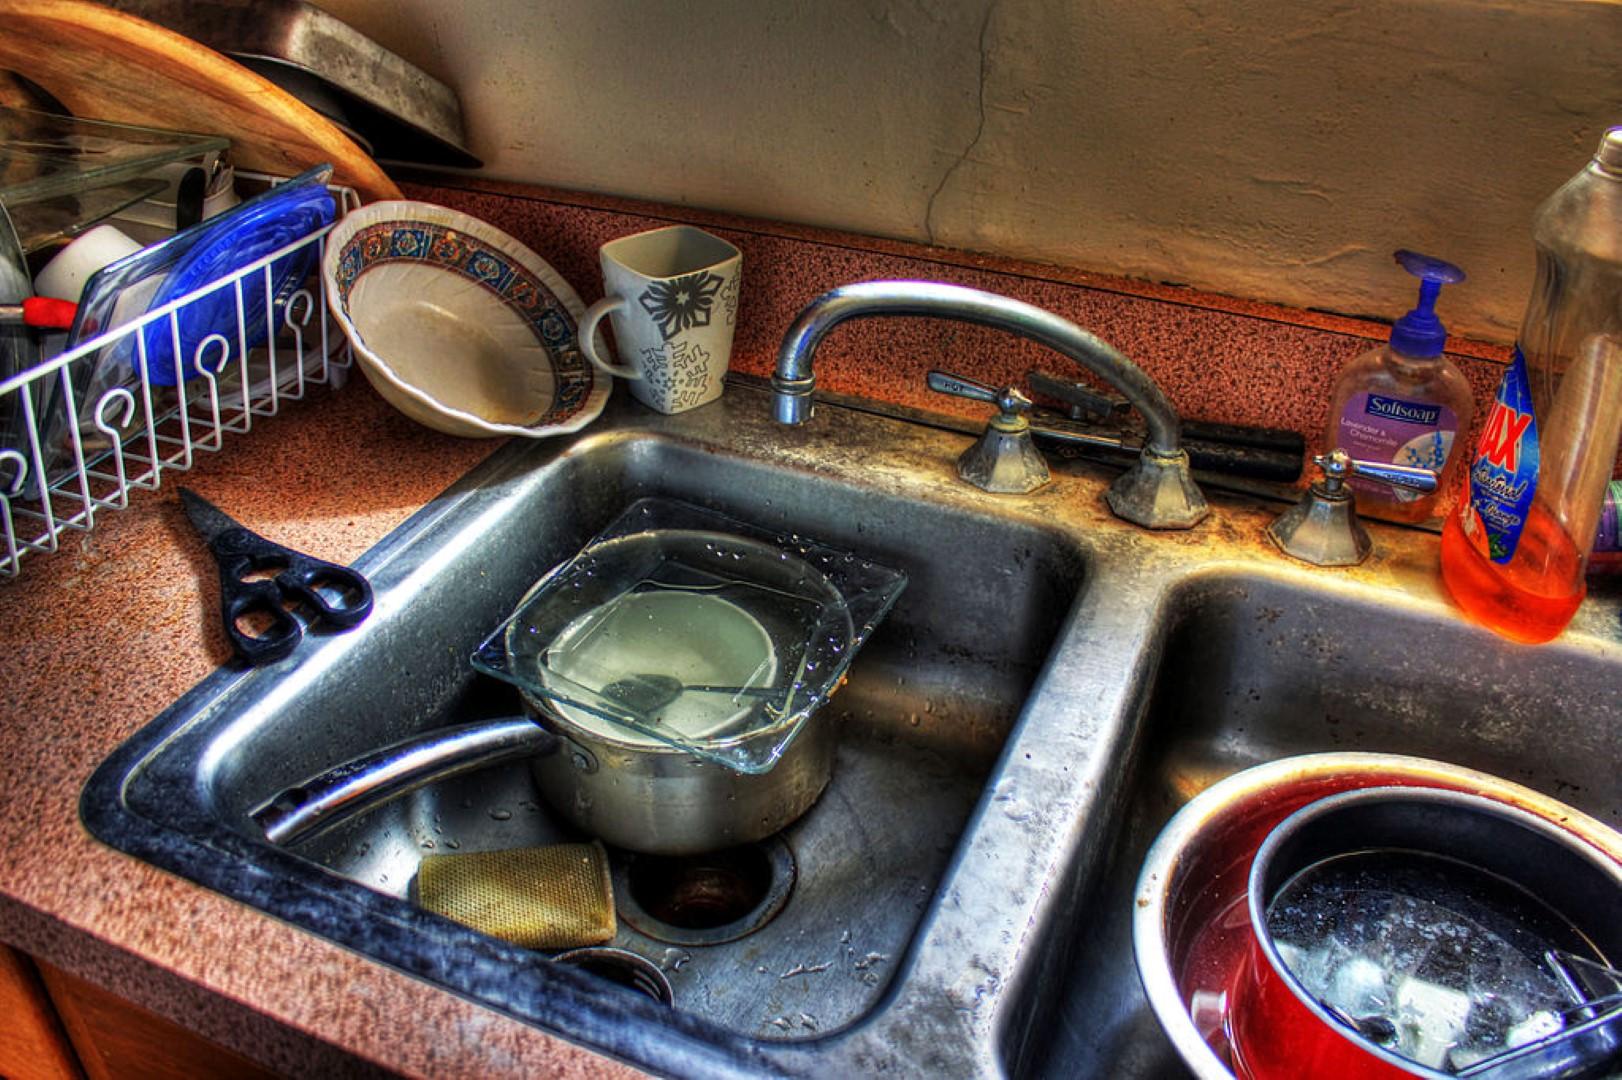 Een rommelige keuken doet je naar ongezonde snacks grijpen